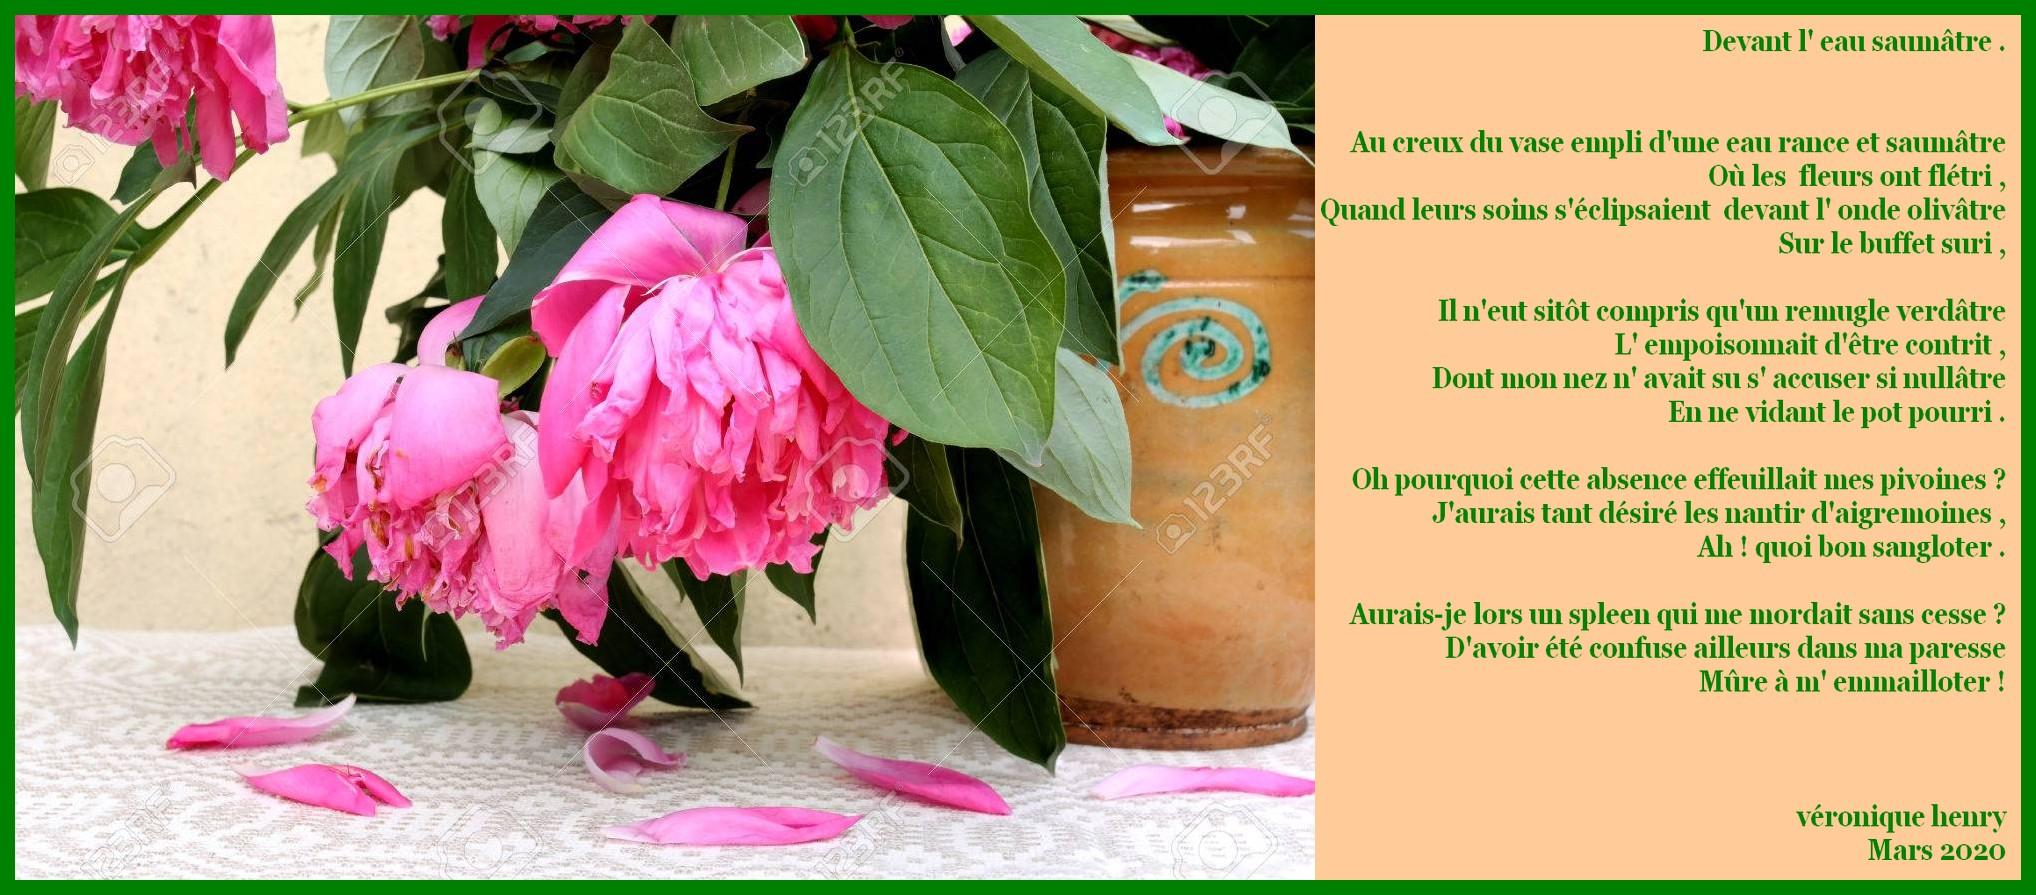 39378816-pivoines-roses-fanées-dans-un-vieux-pot-en-argile-de-style-sur-la-table-recouverte-d-une-nappe-tiss